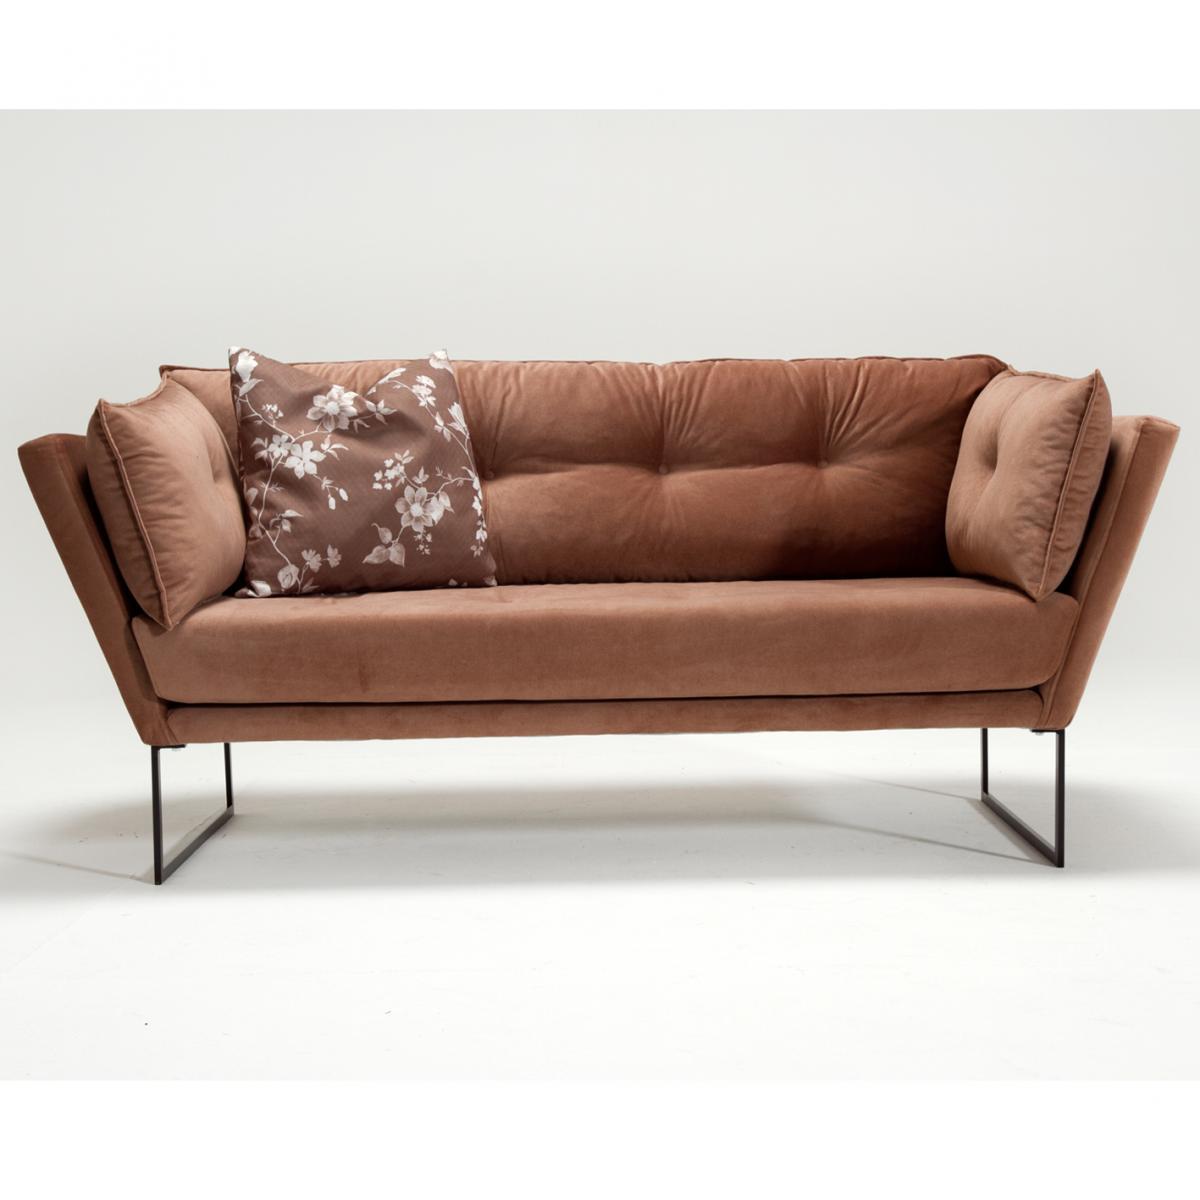 ספה דו Relax בד קטיפטי חום מסדרת Mezza